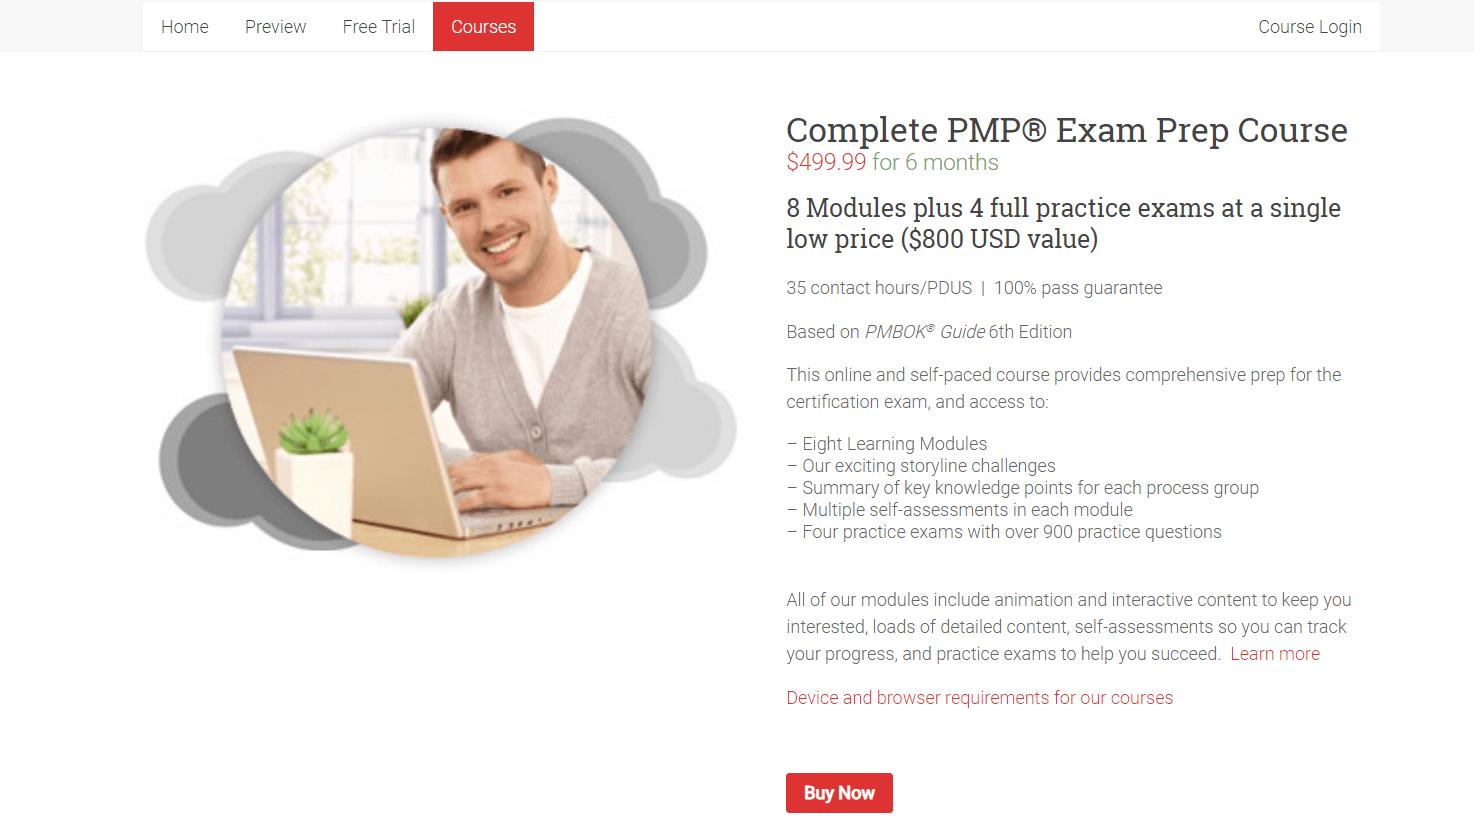 Brain Sensei Review- PMP Exam Prep